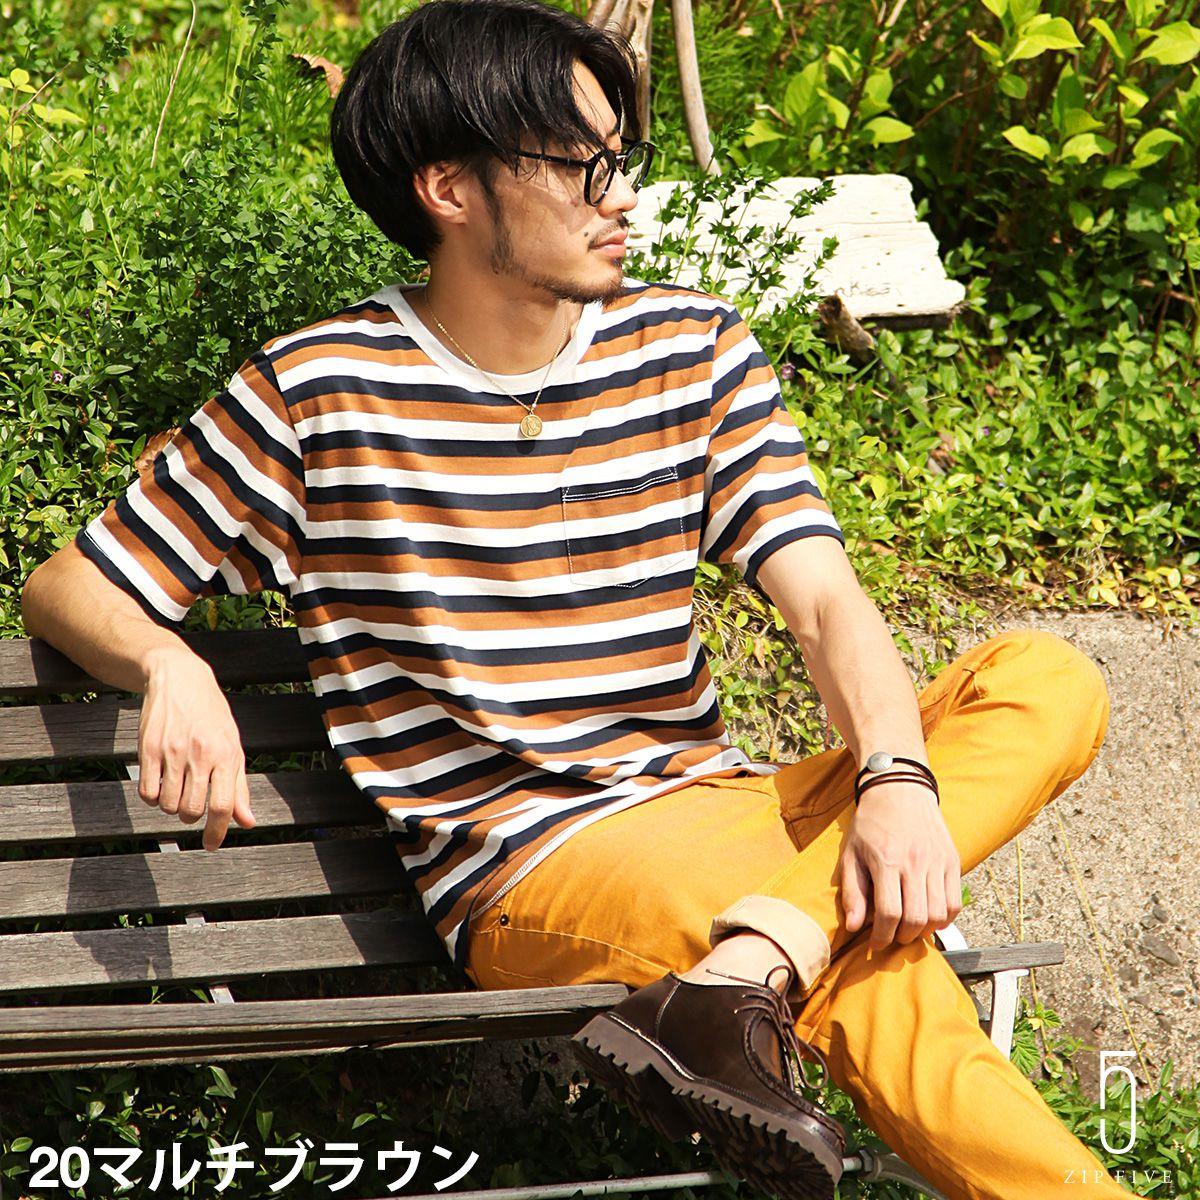 ボーダーTシャツ メンズ Tee カットソー 半袖 Tシャツ ボーダーT クルーネック 丸首 夏 夏物 夏服 【br9002】